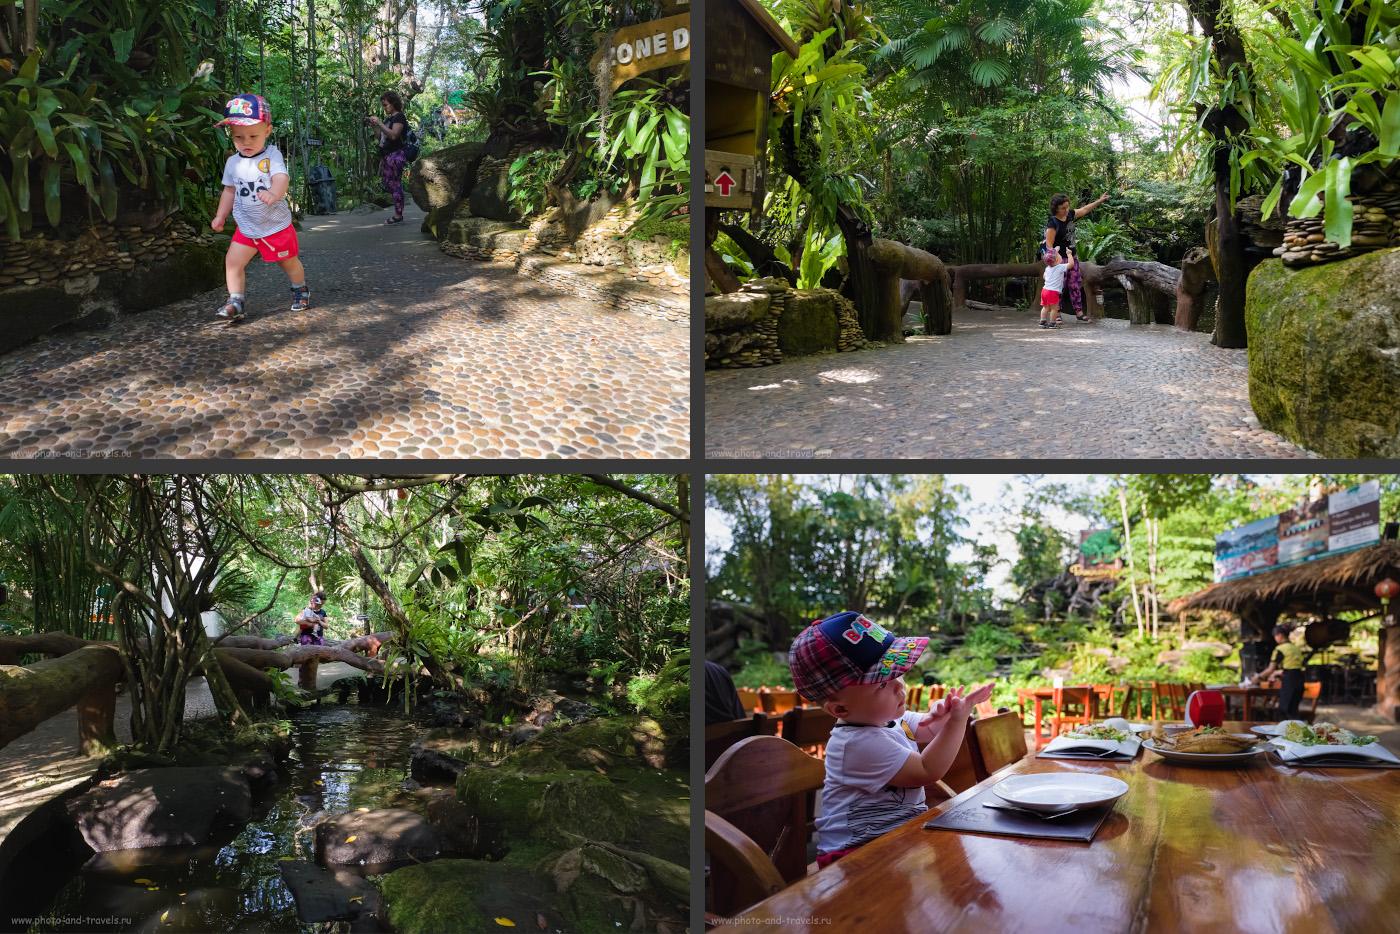 Фотография 10. Ресторан в джунглях «Tamnanpar Restaurant» в провинции Районг (Rayong) - место, куда нужно обязательно съездить, если вы окажетесь в Таиланде недалеко от курорта Паттайя. Здесь, в отличие от турецкого «Tropik Restoran» основное развлечение для детей – кормление рыб в прудиках.